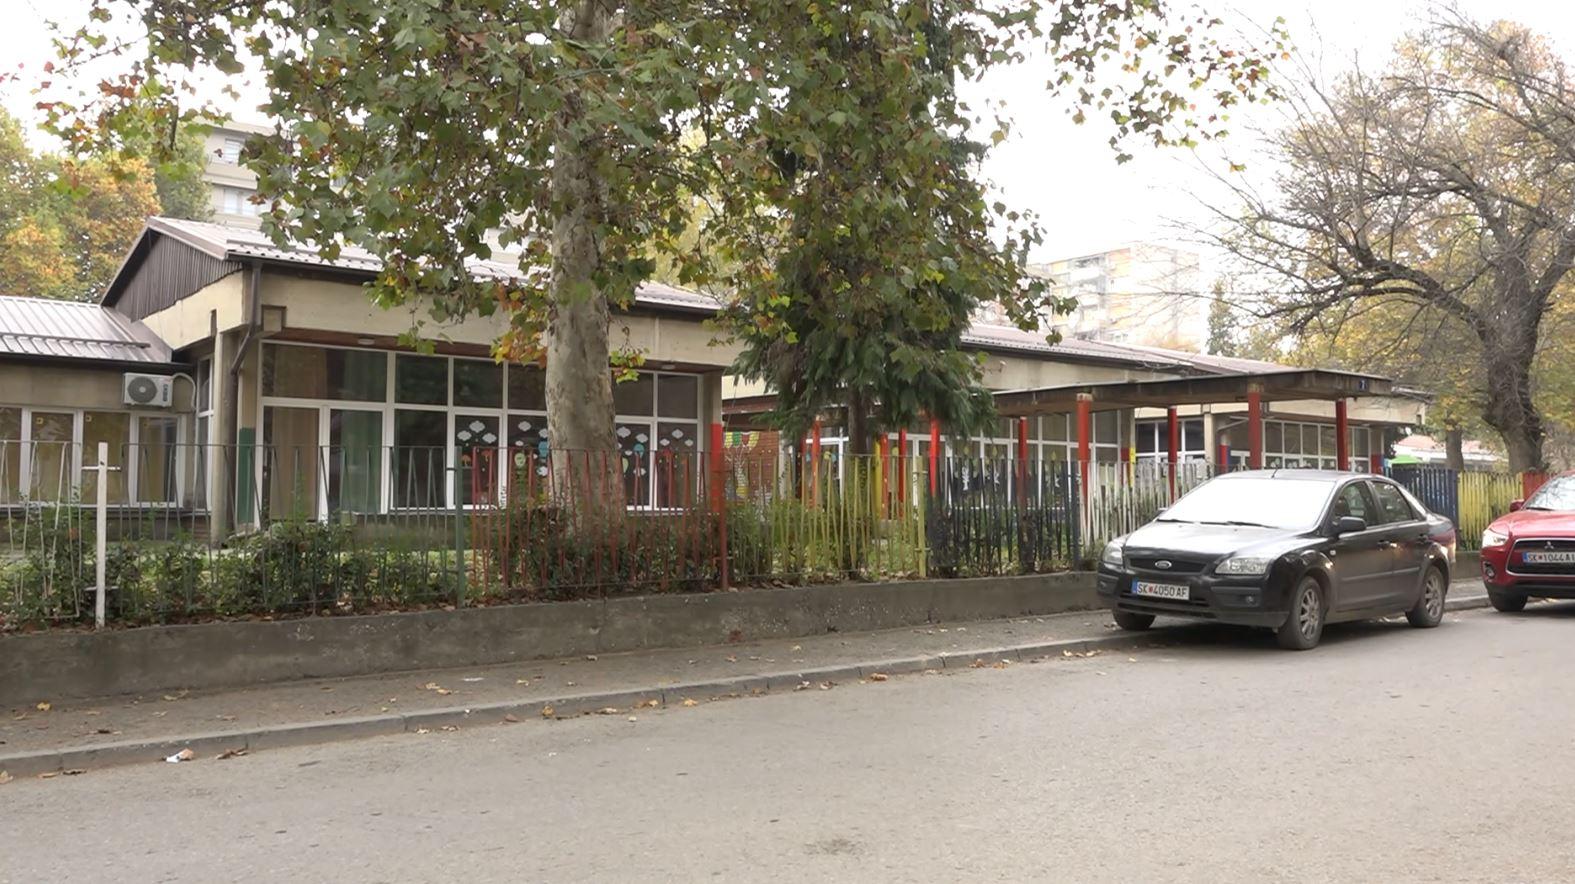 70% e fëmijëve në Maqedoninë e Veriut nuk regjistrohen në çerdhe